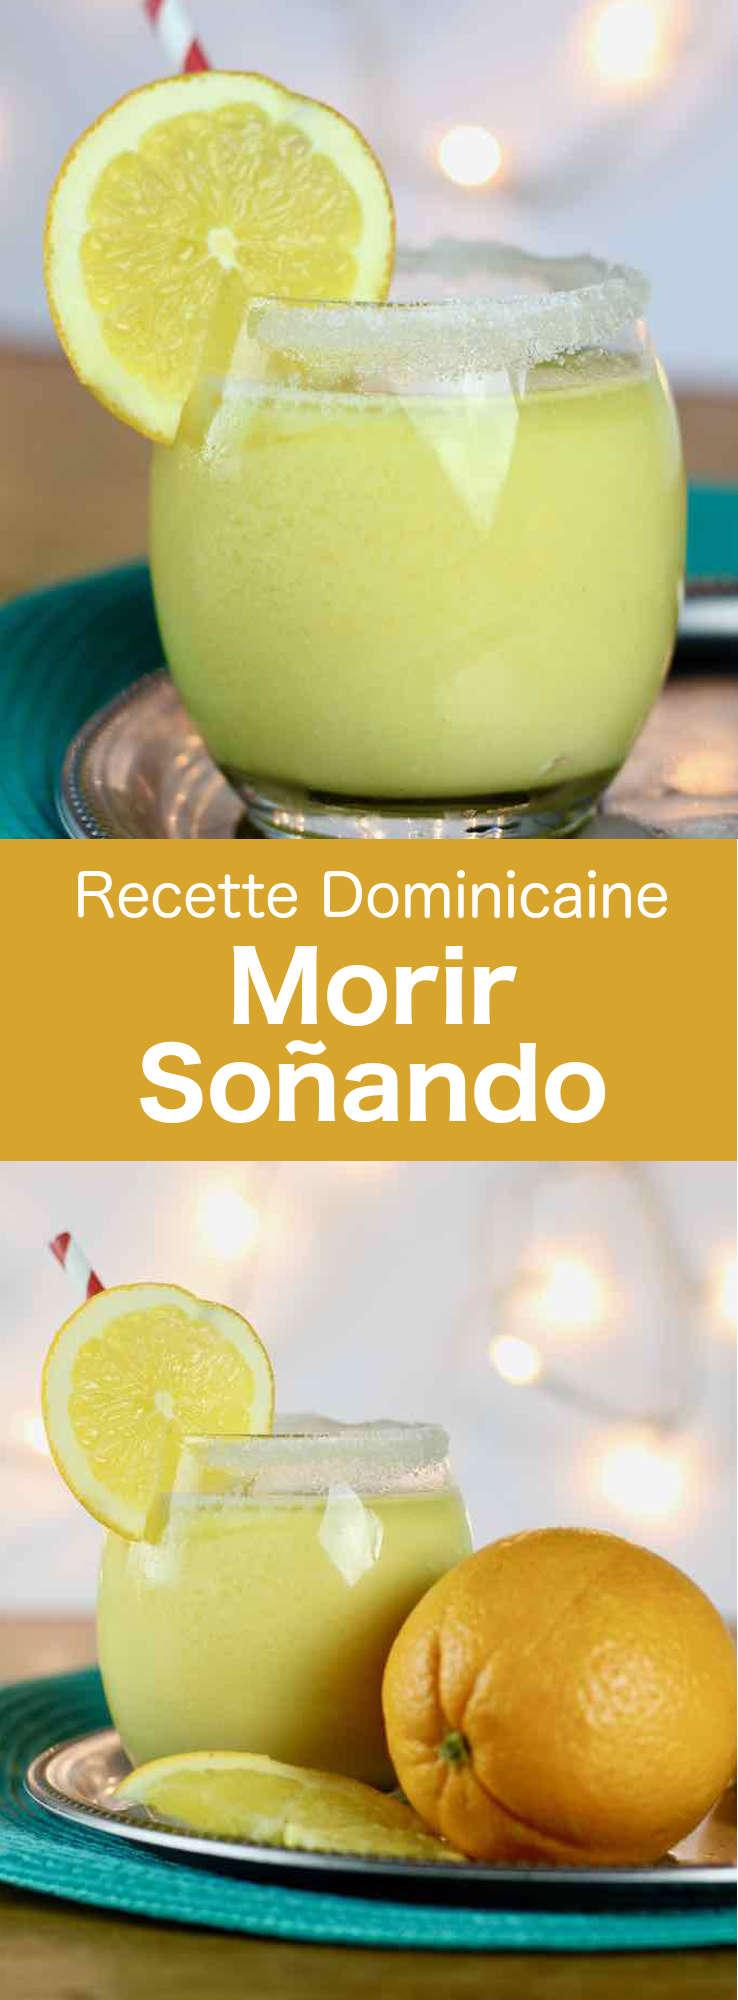 Le morir soñando est une boisson traditionnelle dominicaine réalisée à partir de jus d'orange, de sirop de sucre de canne, de lait et de glace pilée. #RepubliqueDominicaine #BoissonDominicaine #CuisineDuMonde #196flavors